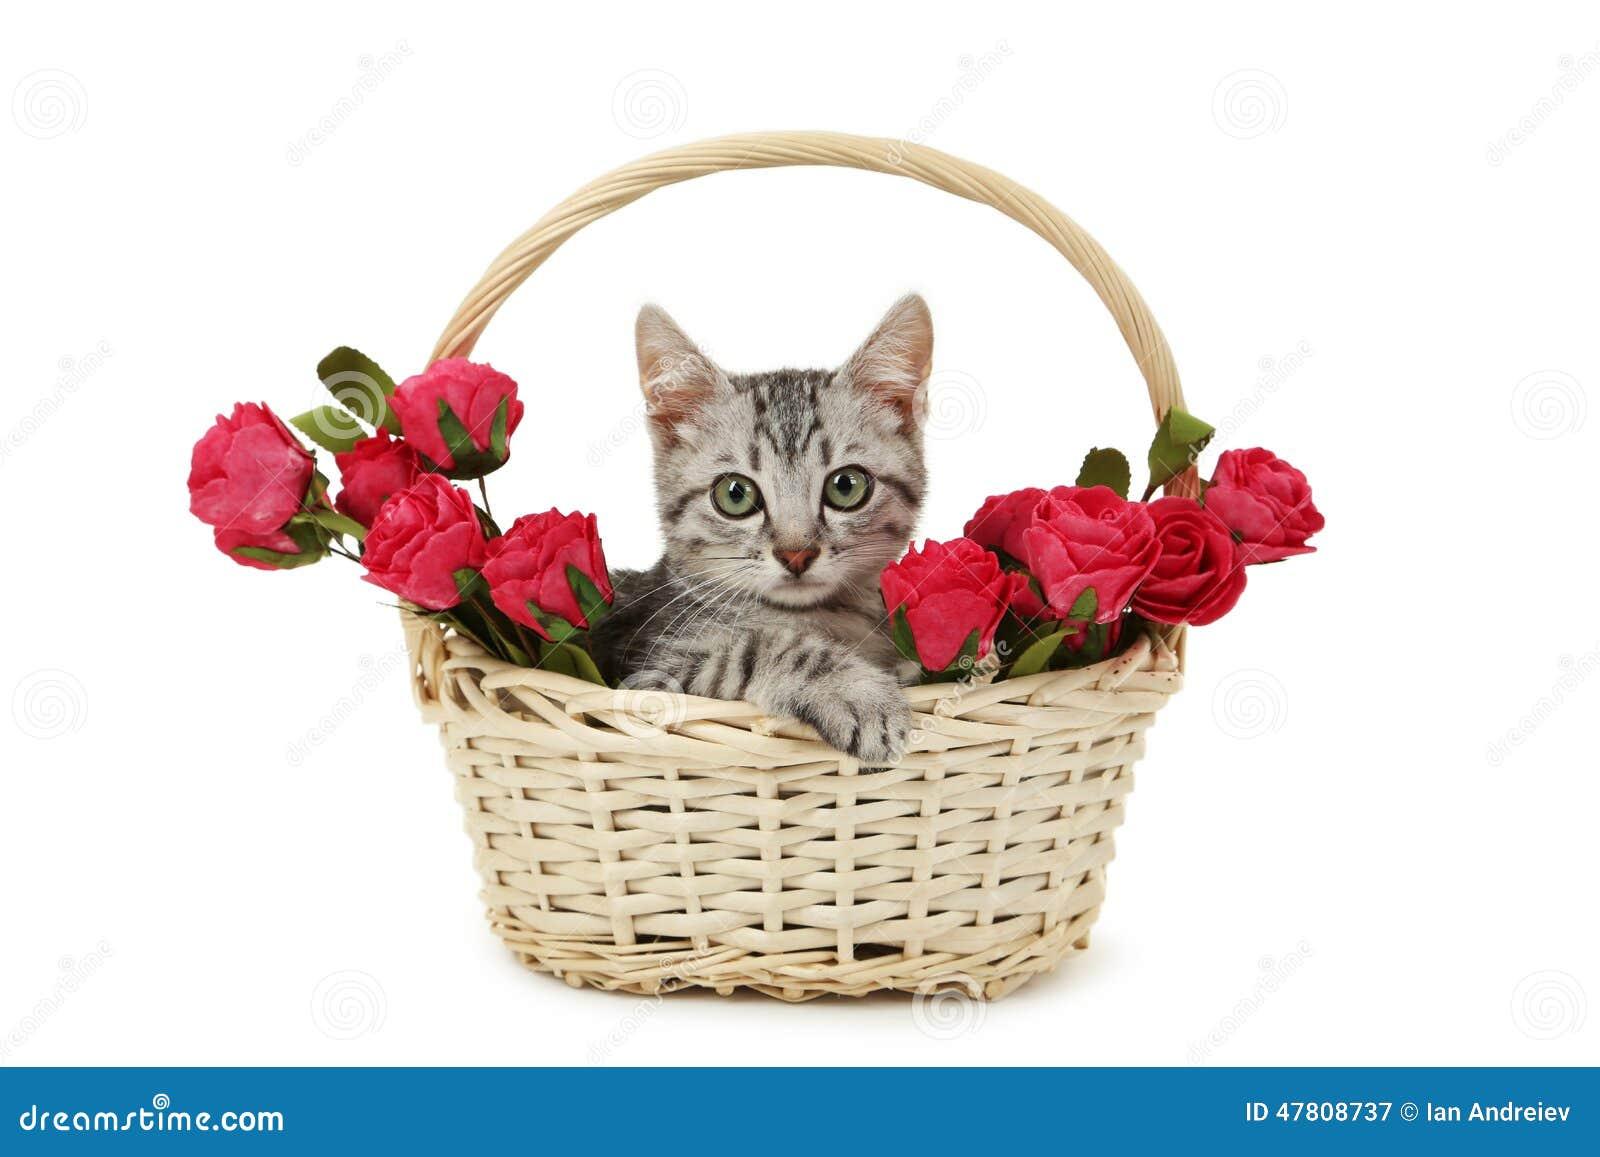 Panier Fleur Pour Chat : Beau chat dans le panier avec des fleurs d isolement sur